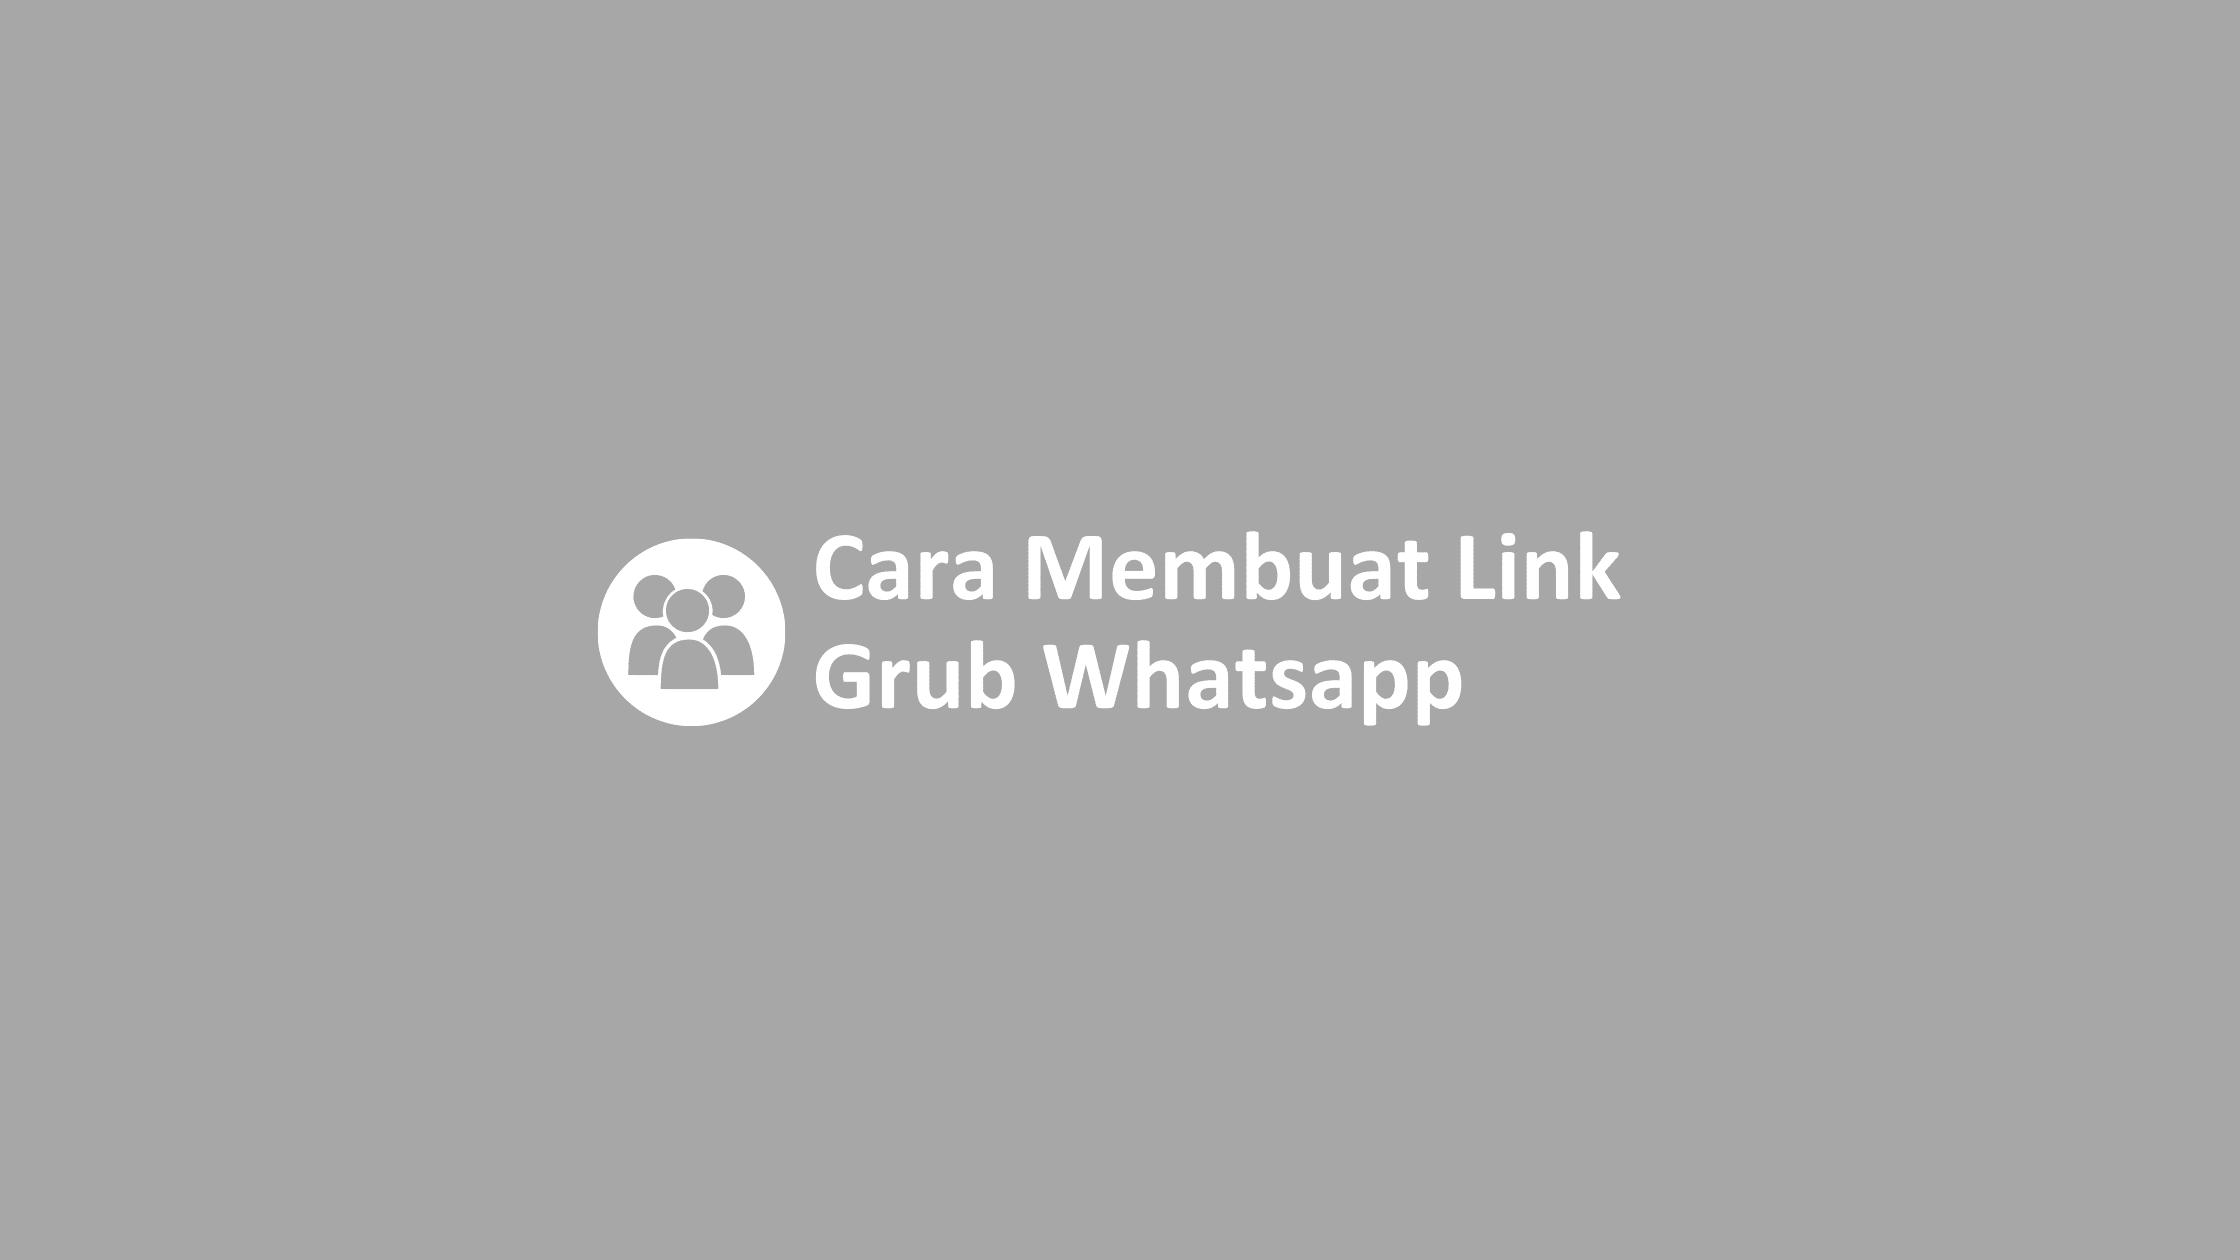 cara membuat link grup whatsapp